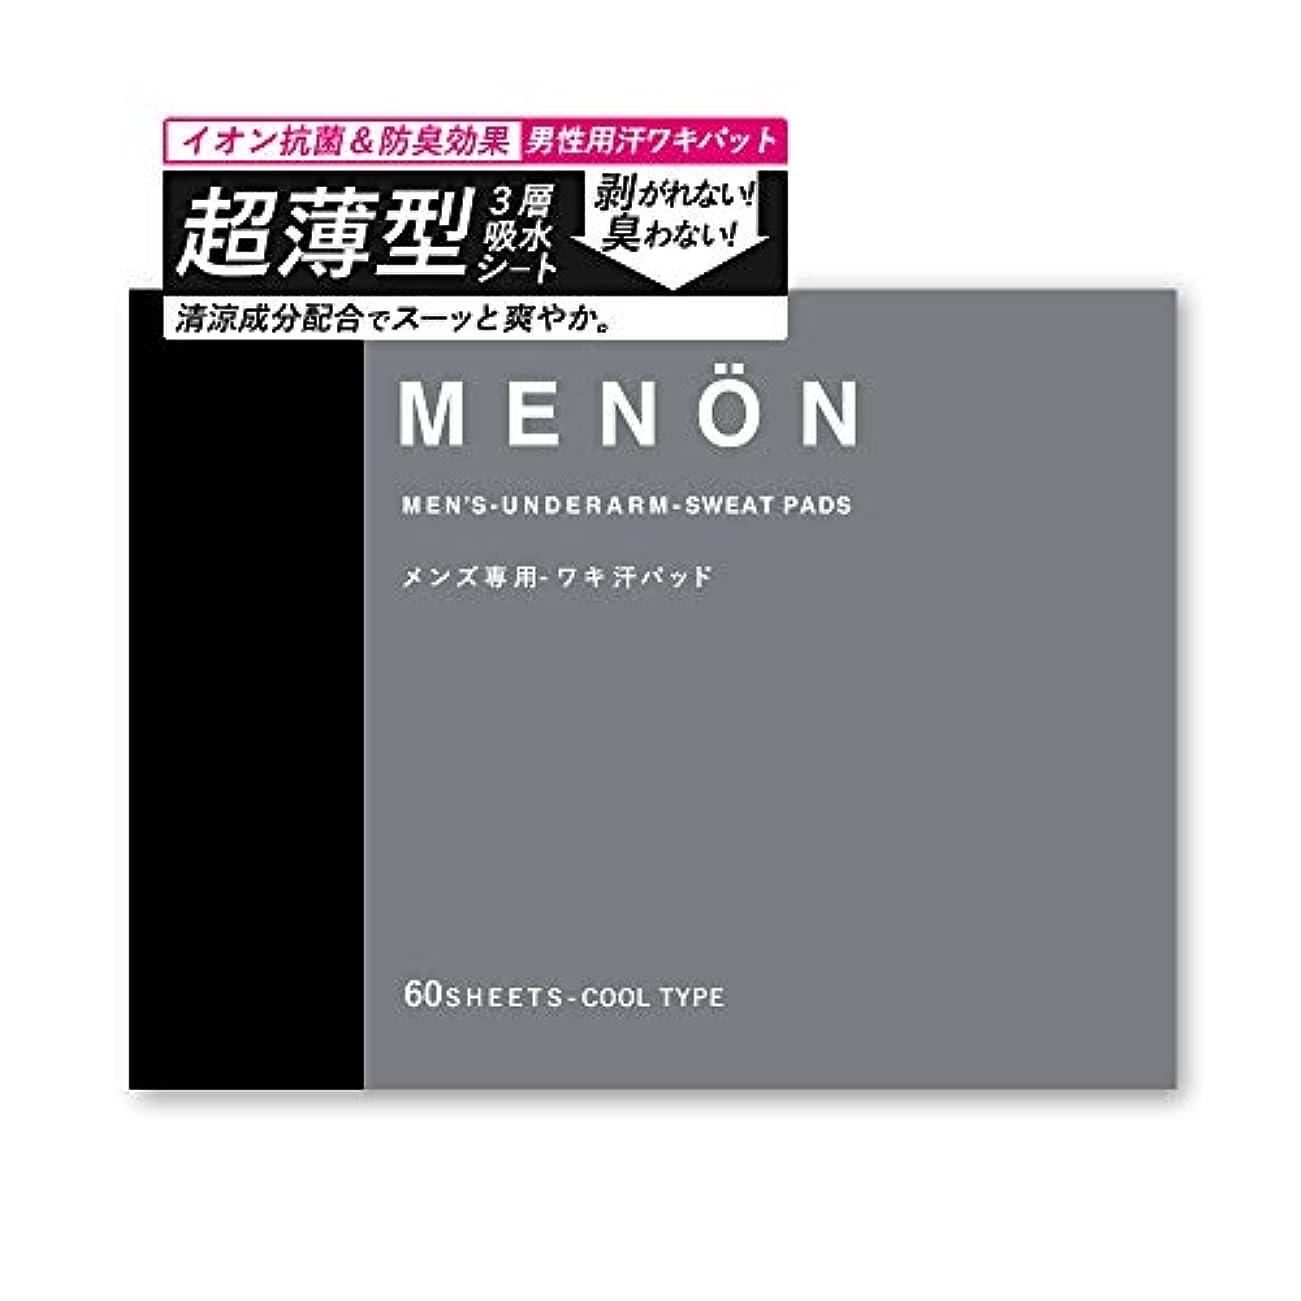 母音便利抑制するMENON 日本製 汗ワキパット メンズ 使い捨て 汗取りパッド 60枚 (30セット) 清涼成分配合 脇汗 男性用 ボディケア 汗ジミ?臭い予防に パッド シール メノン